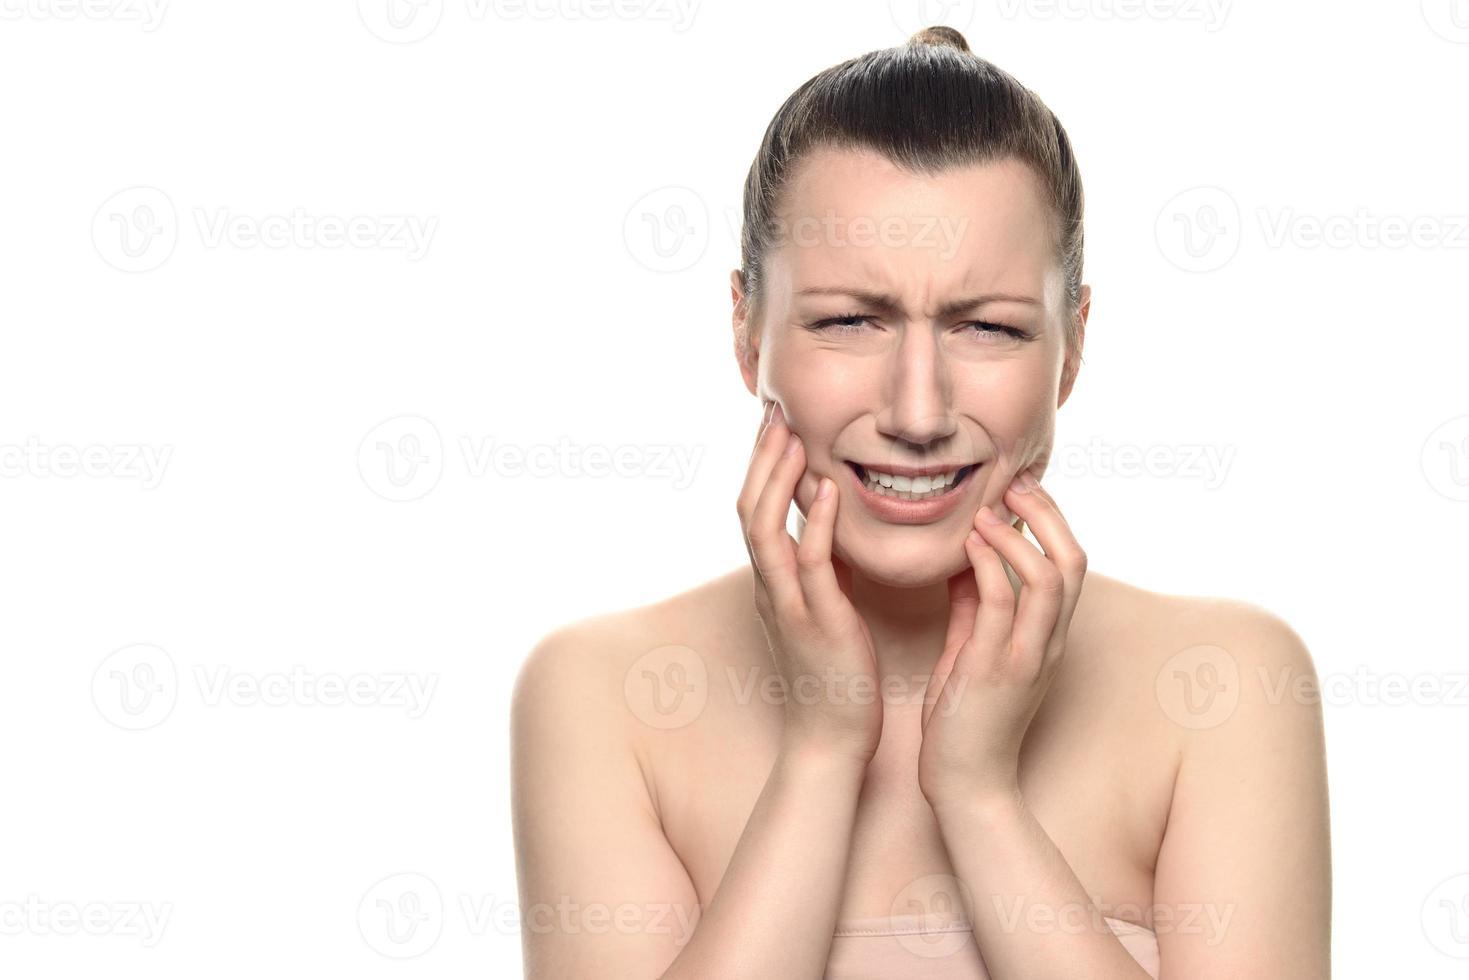 jovem chorando, sofrendo de dor de dente foto